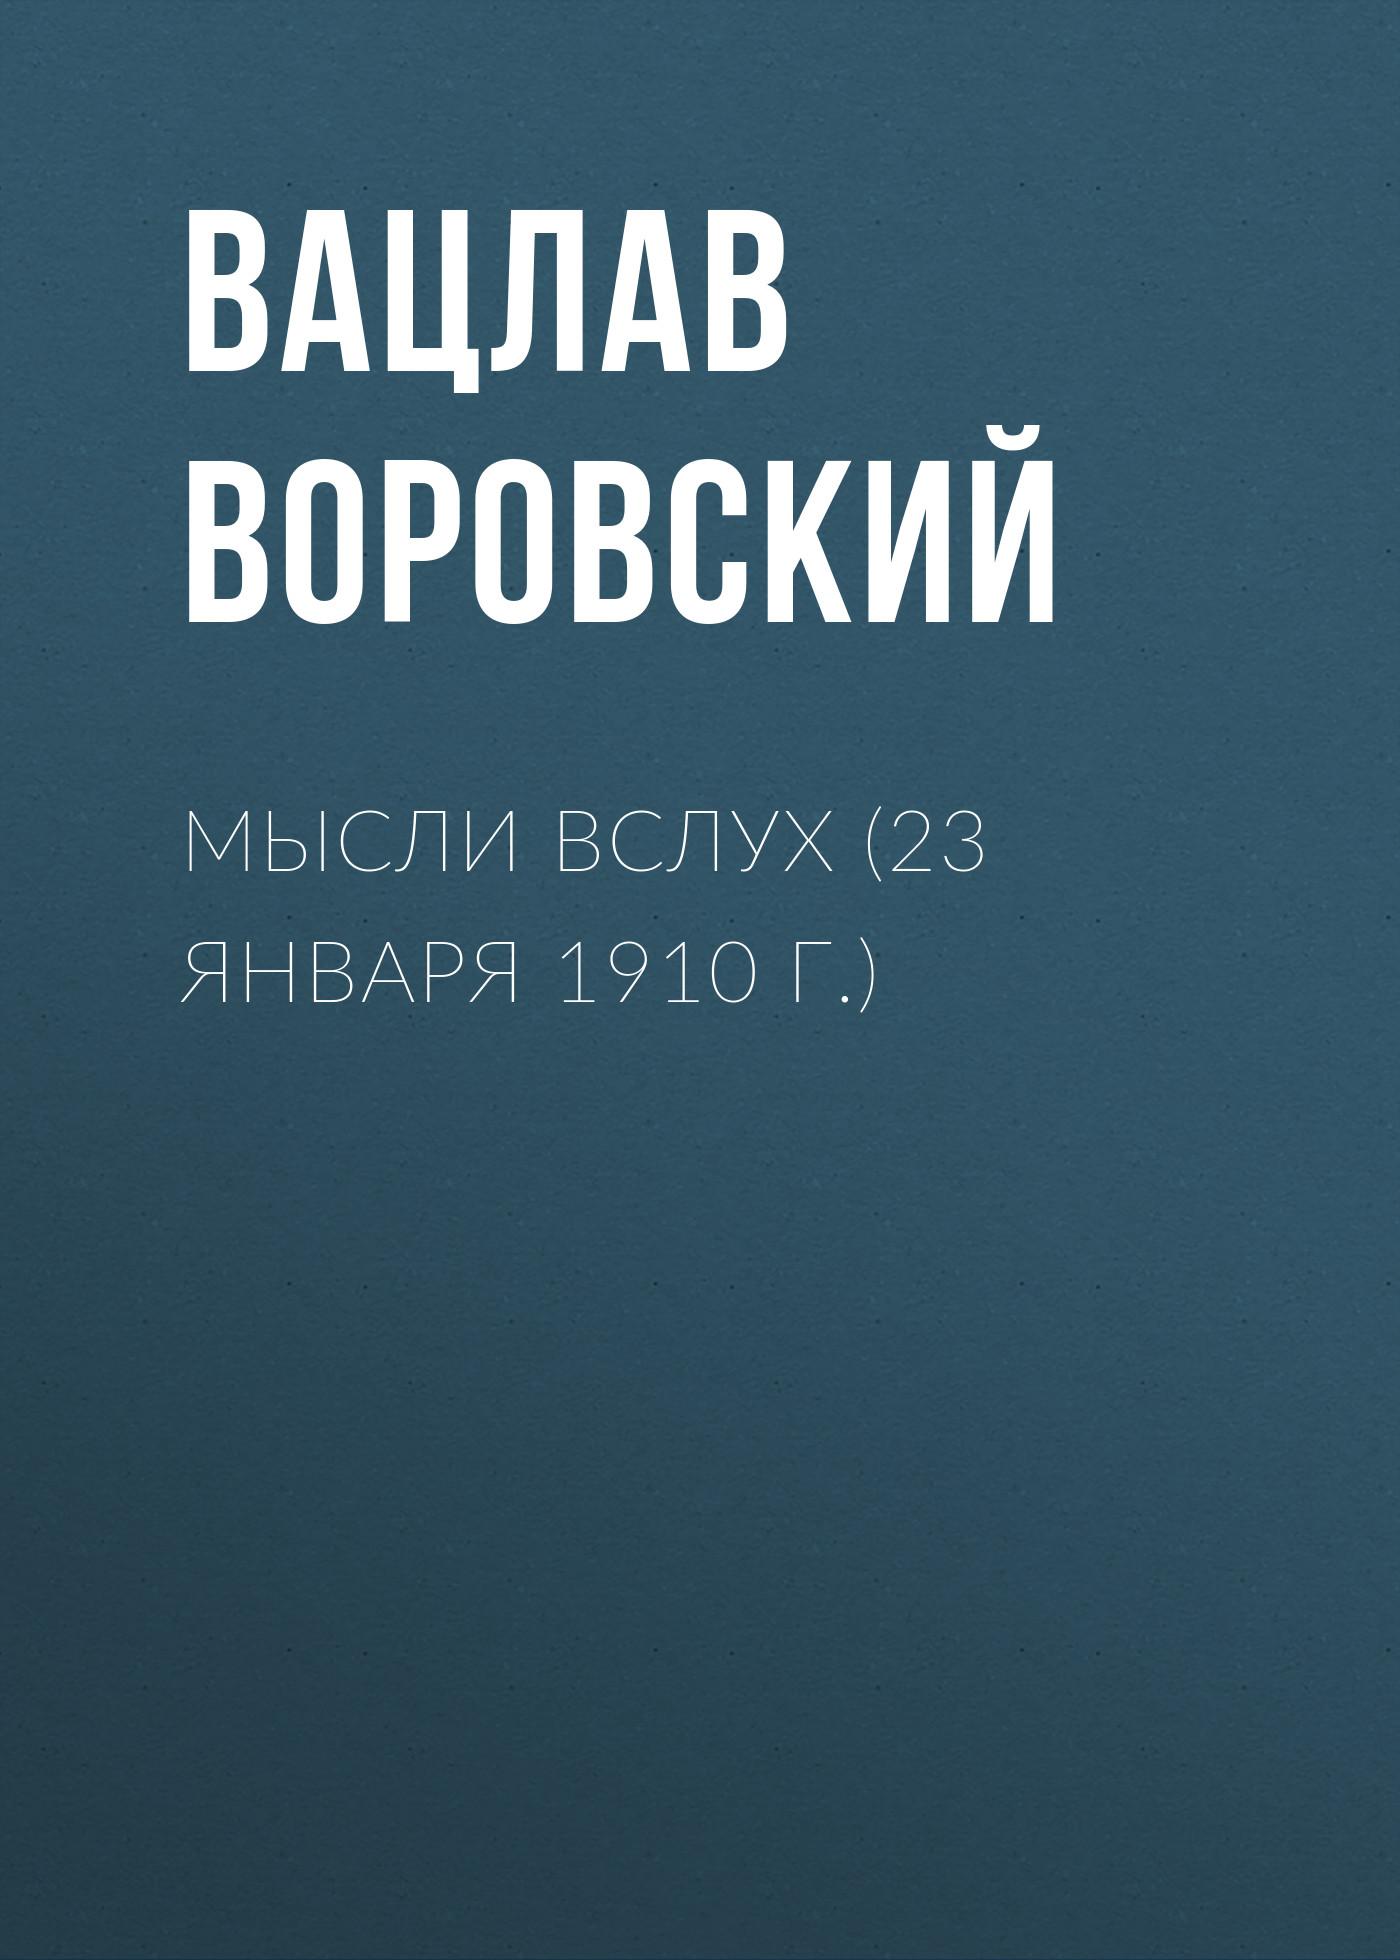 Вацлав Воровский Мысли вслух (23 января 1910 г.) вацлав воровский мысли вслух 15 января 1910 г